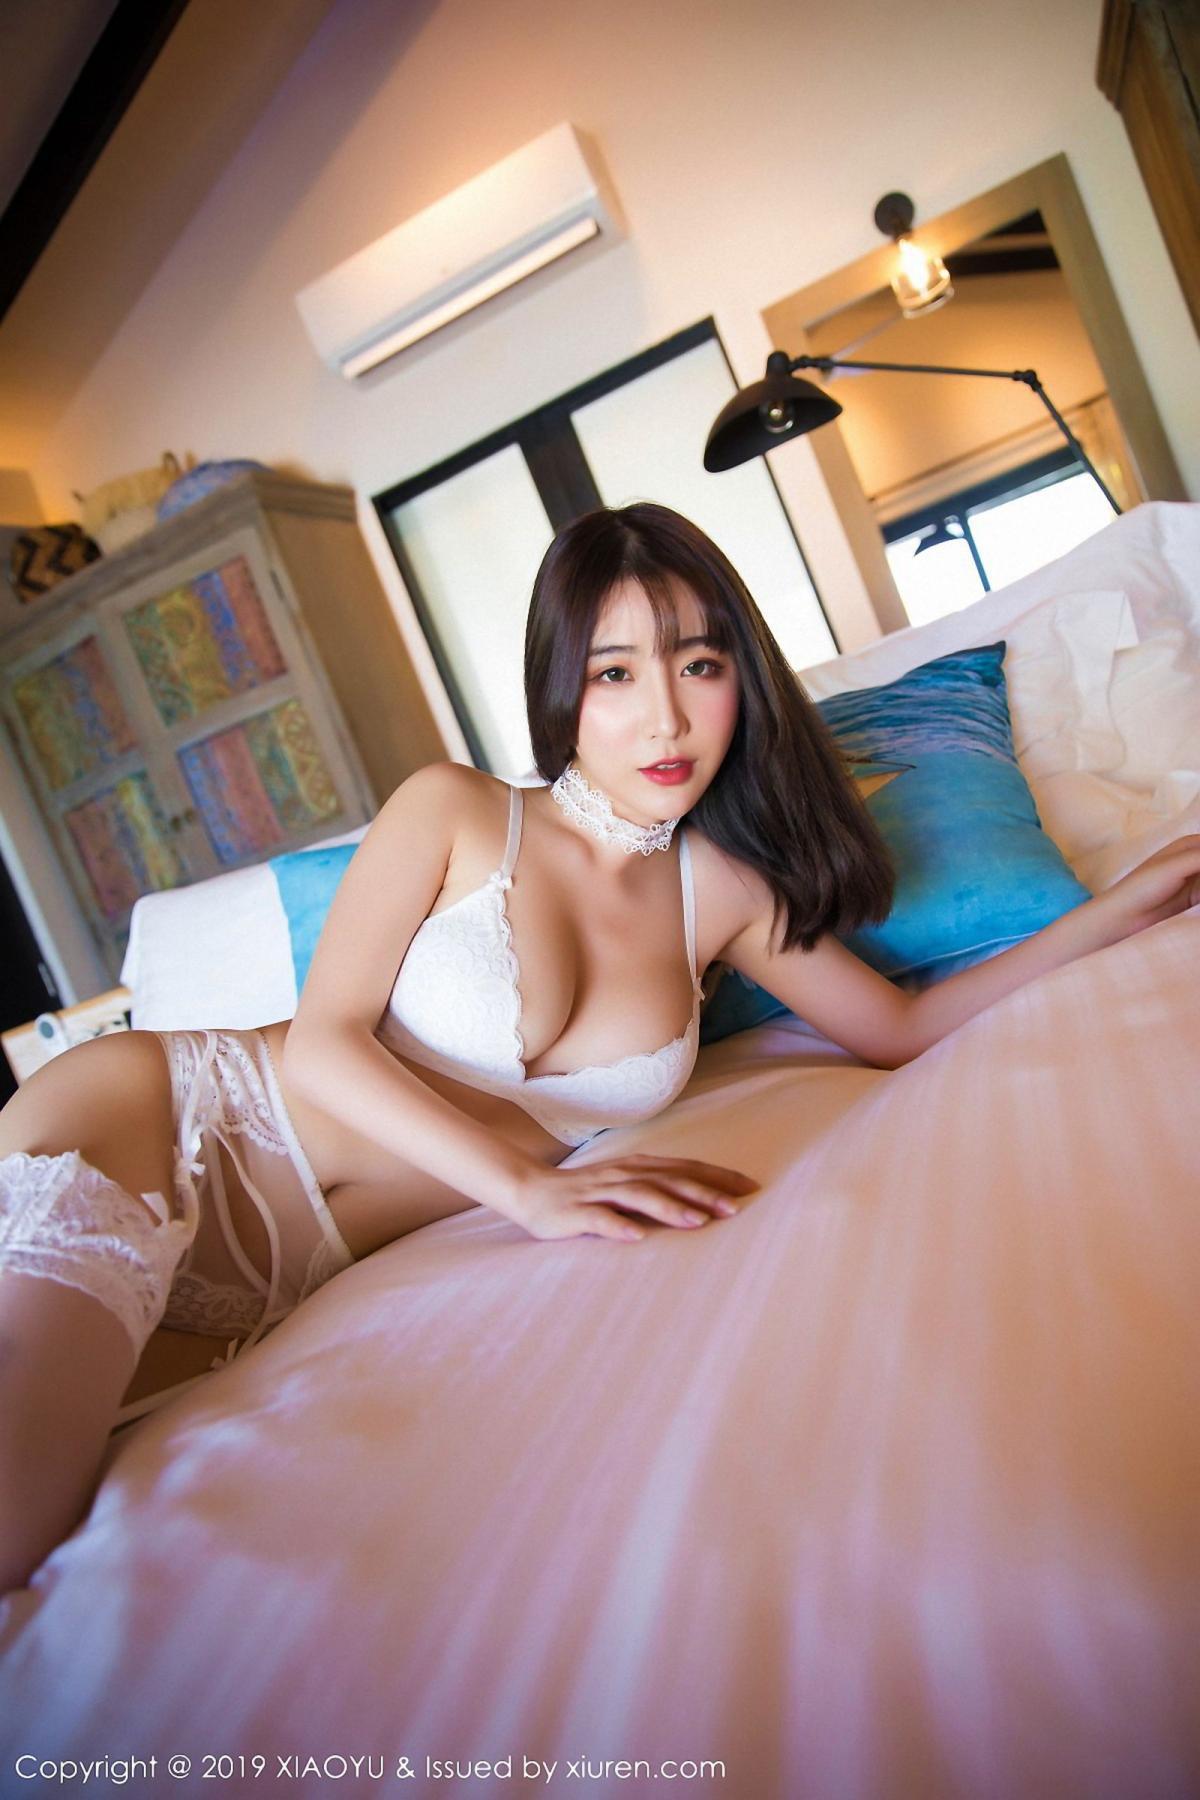 [XiaoYu] Vol.027 Xie Zhi Xin 47P, Bathroom, Underwear, XiaoYu, Xie Zhi Xin